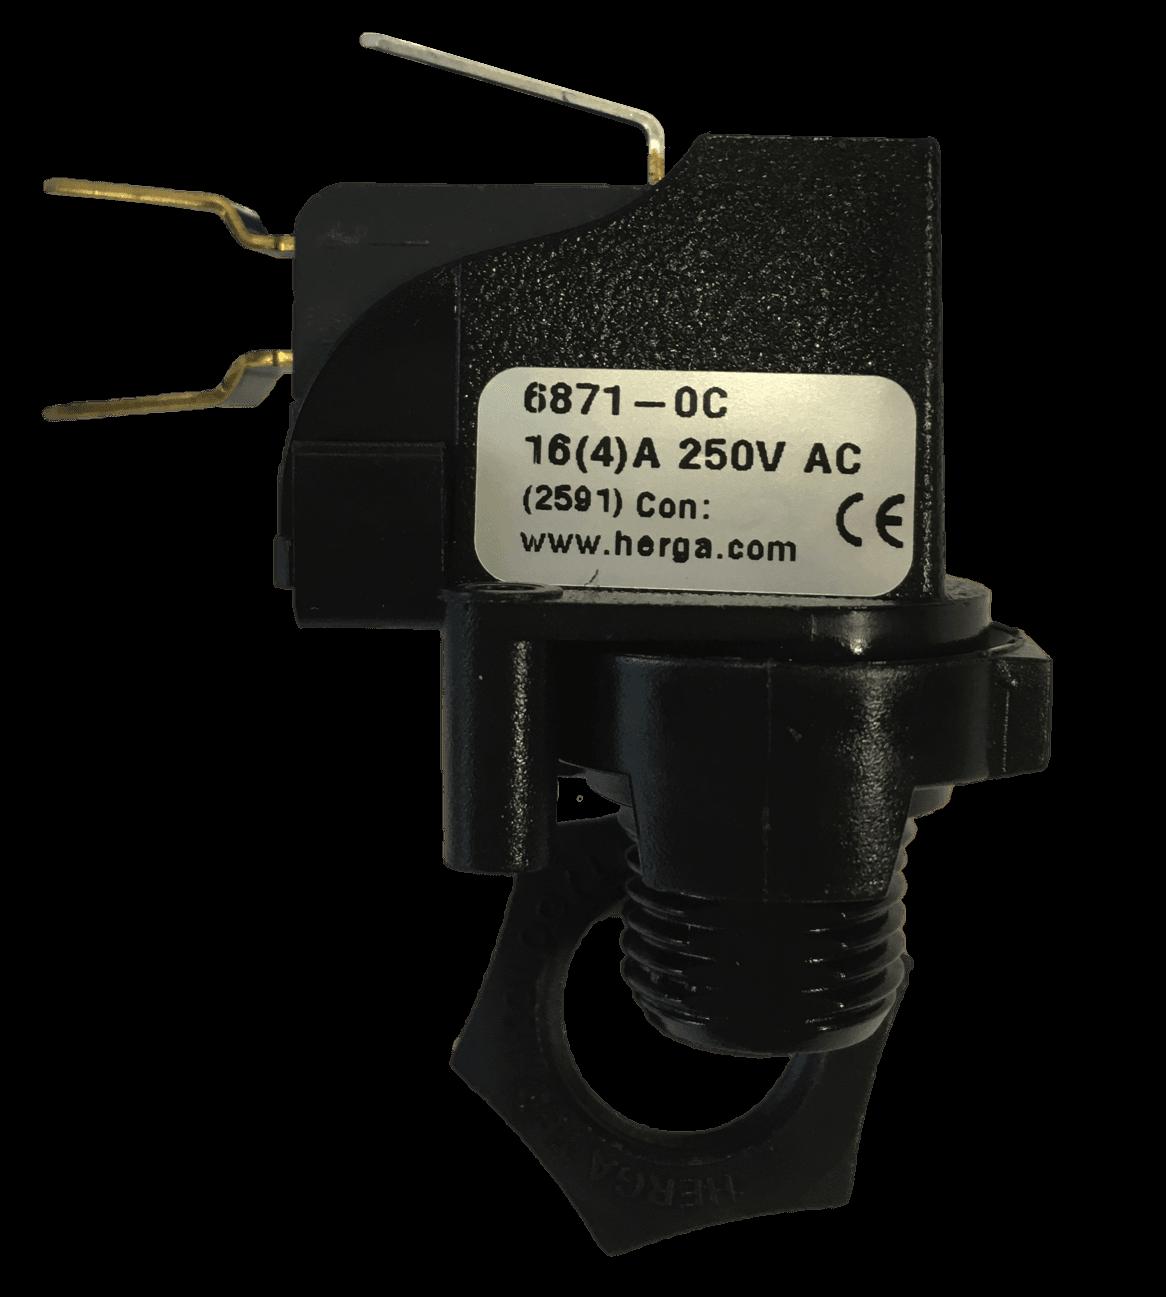 6871-OC interrupteur à air